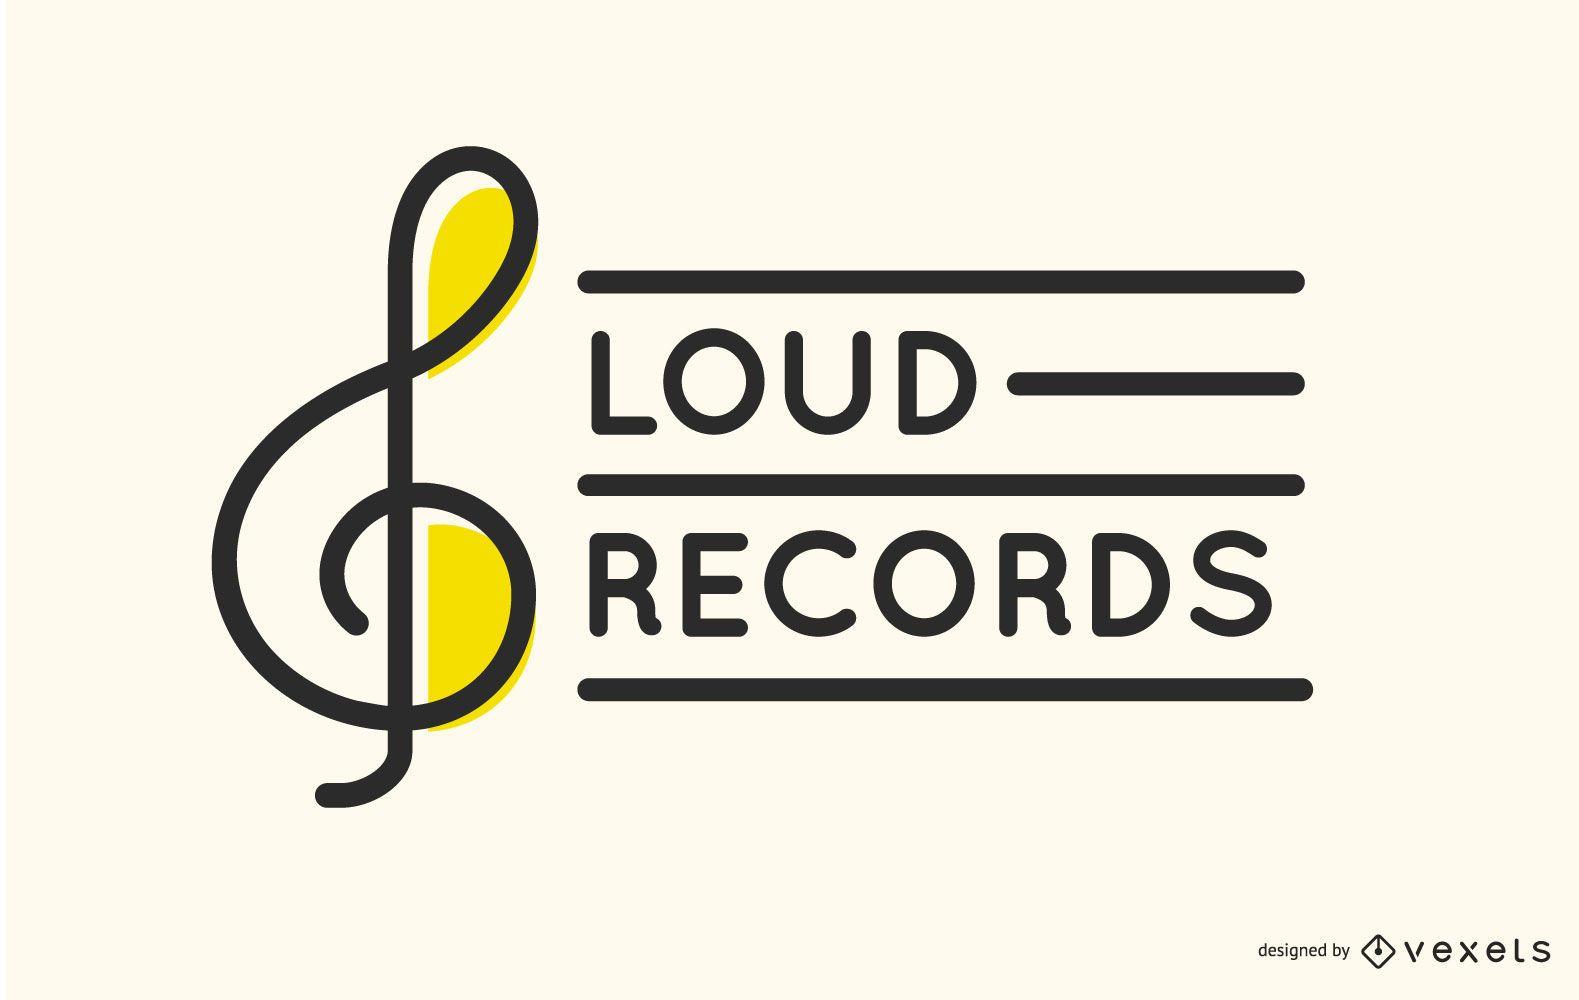 Diseño de logotipo de etiqueta de registro de clave de sol